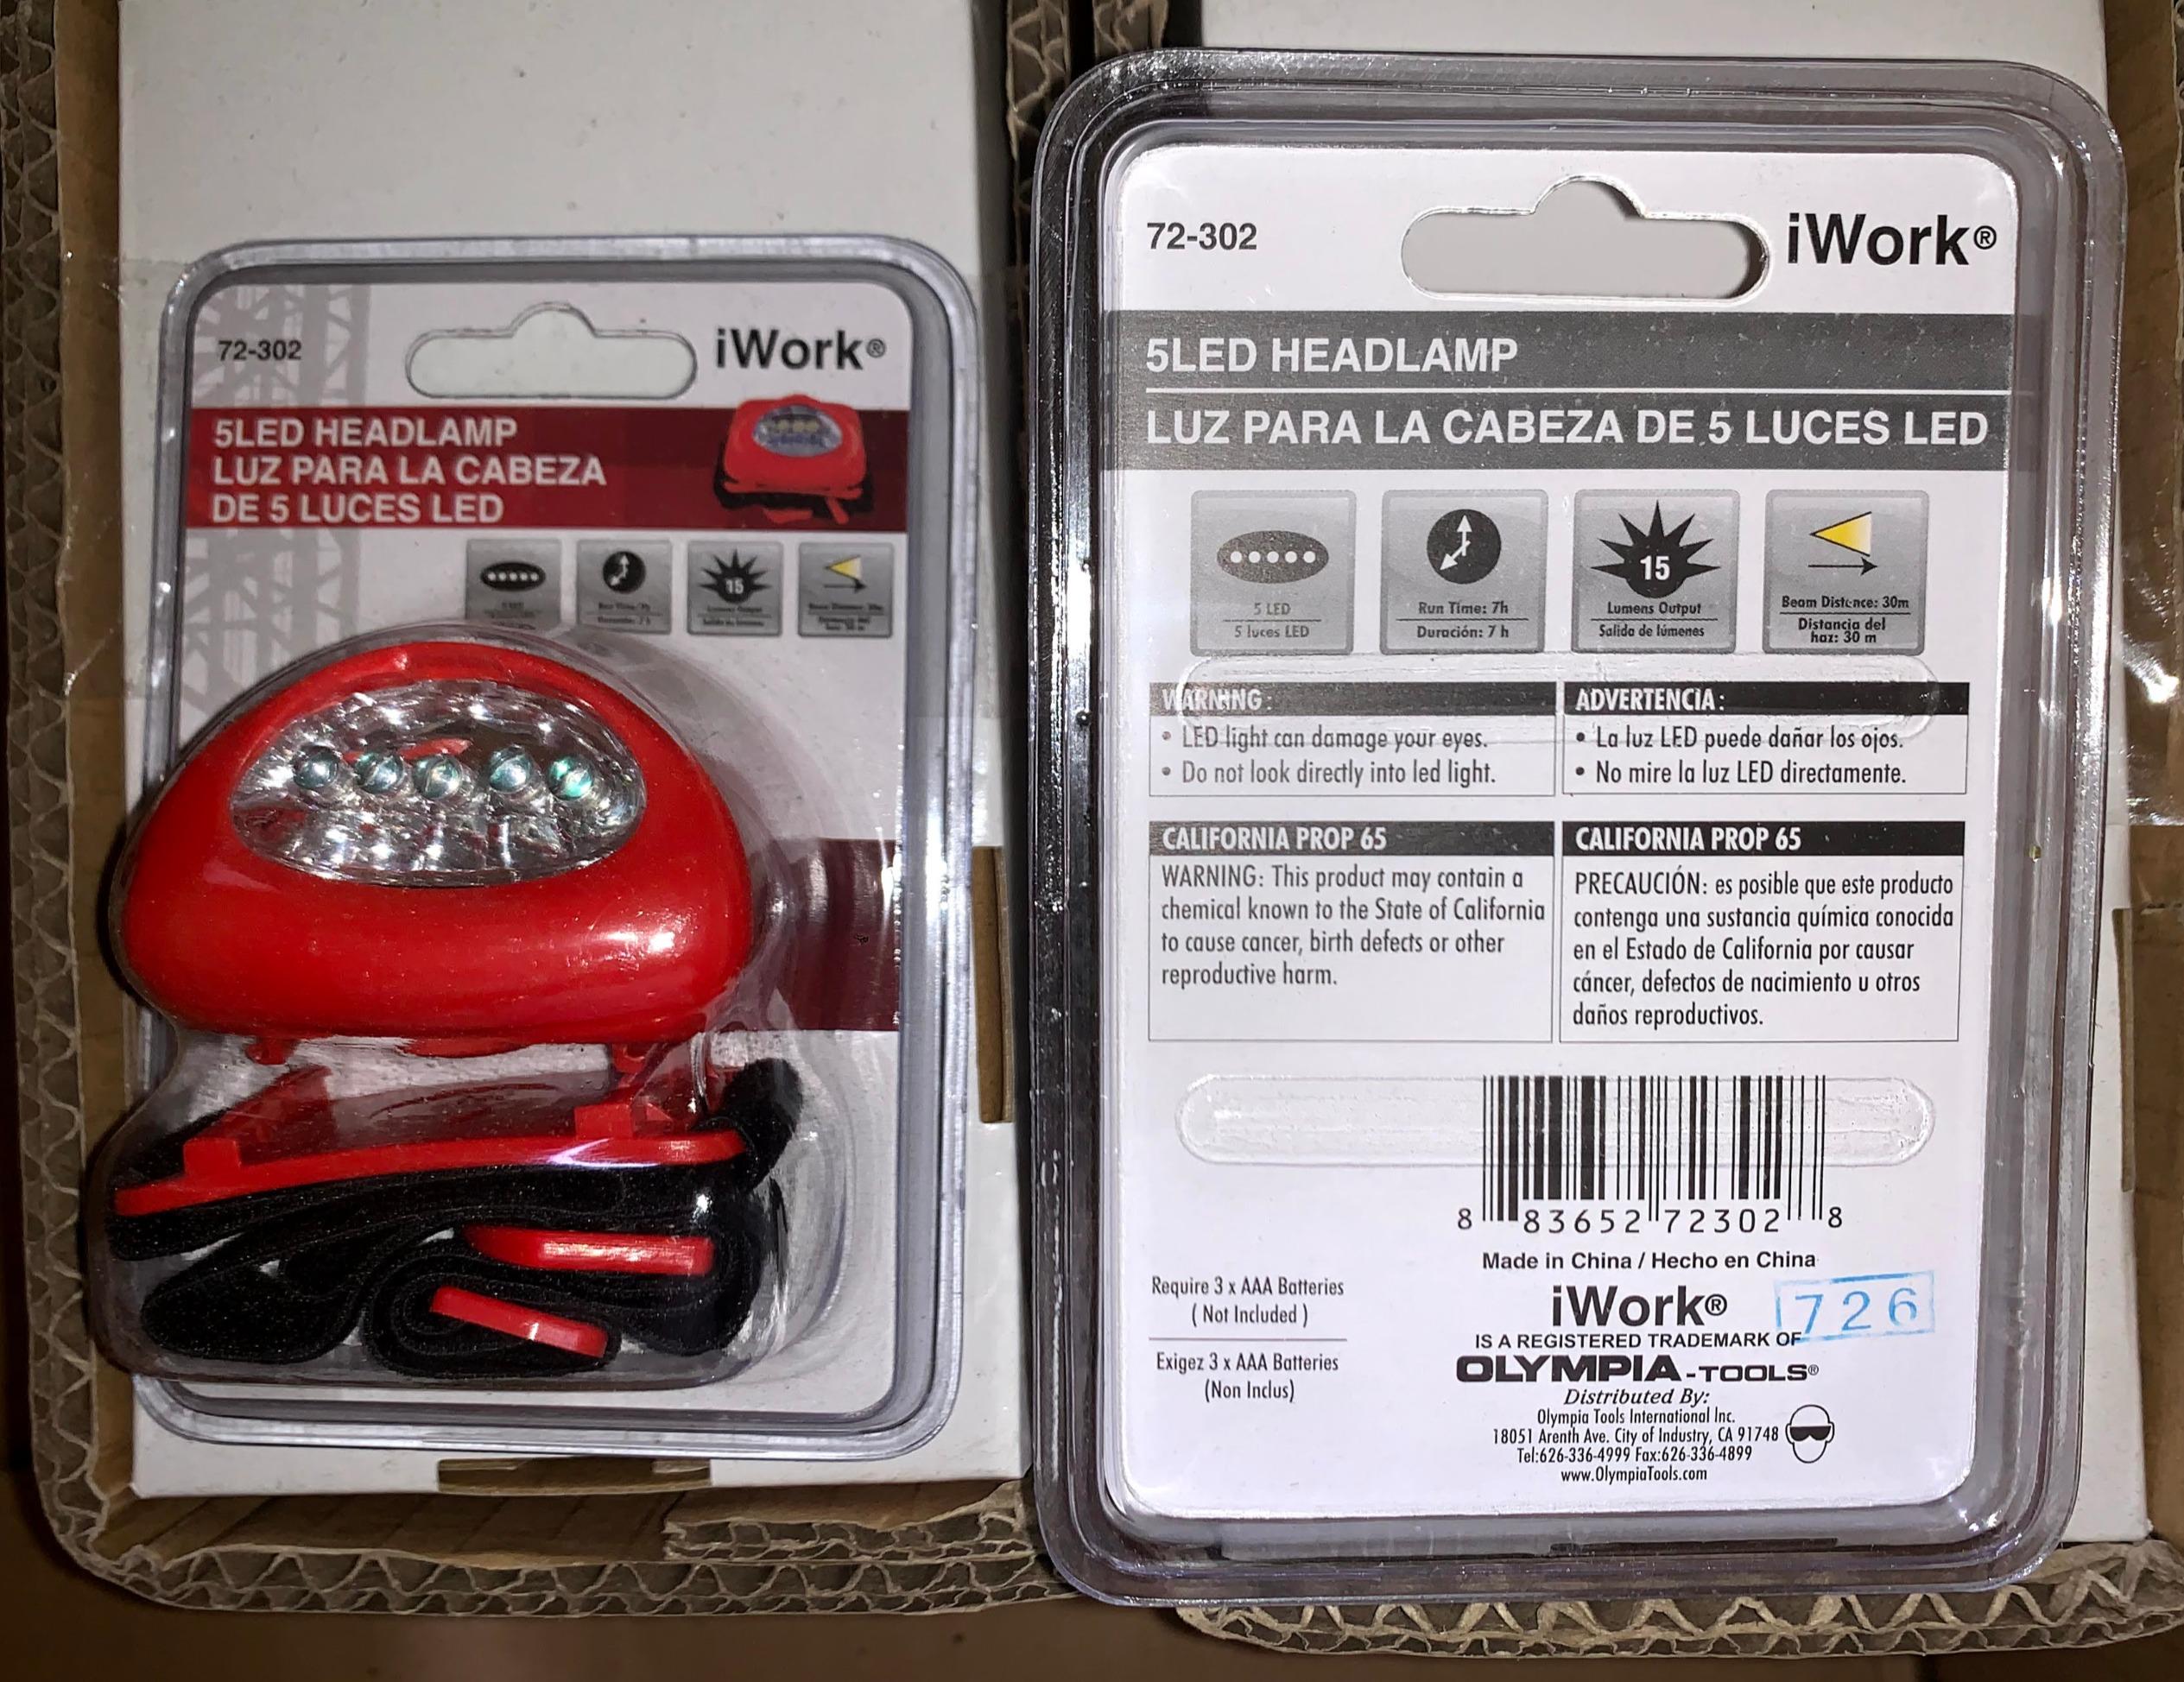 IWork LED Headlamp